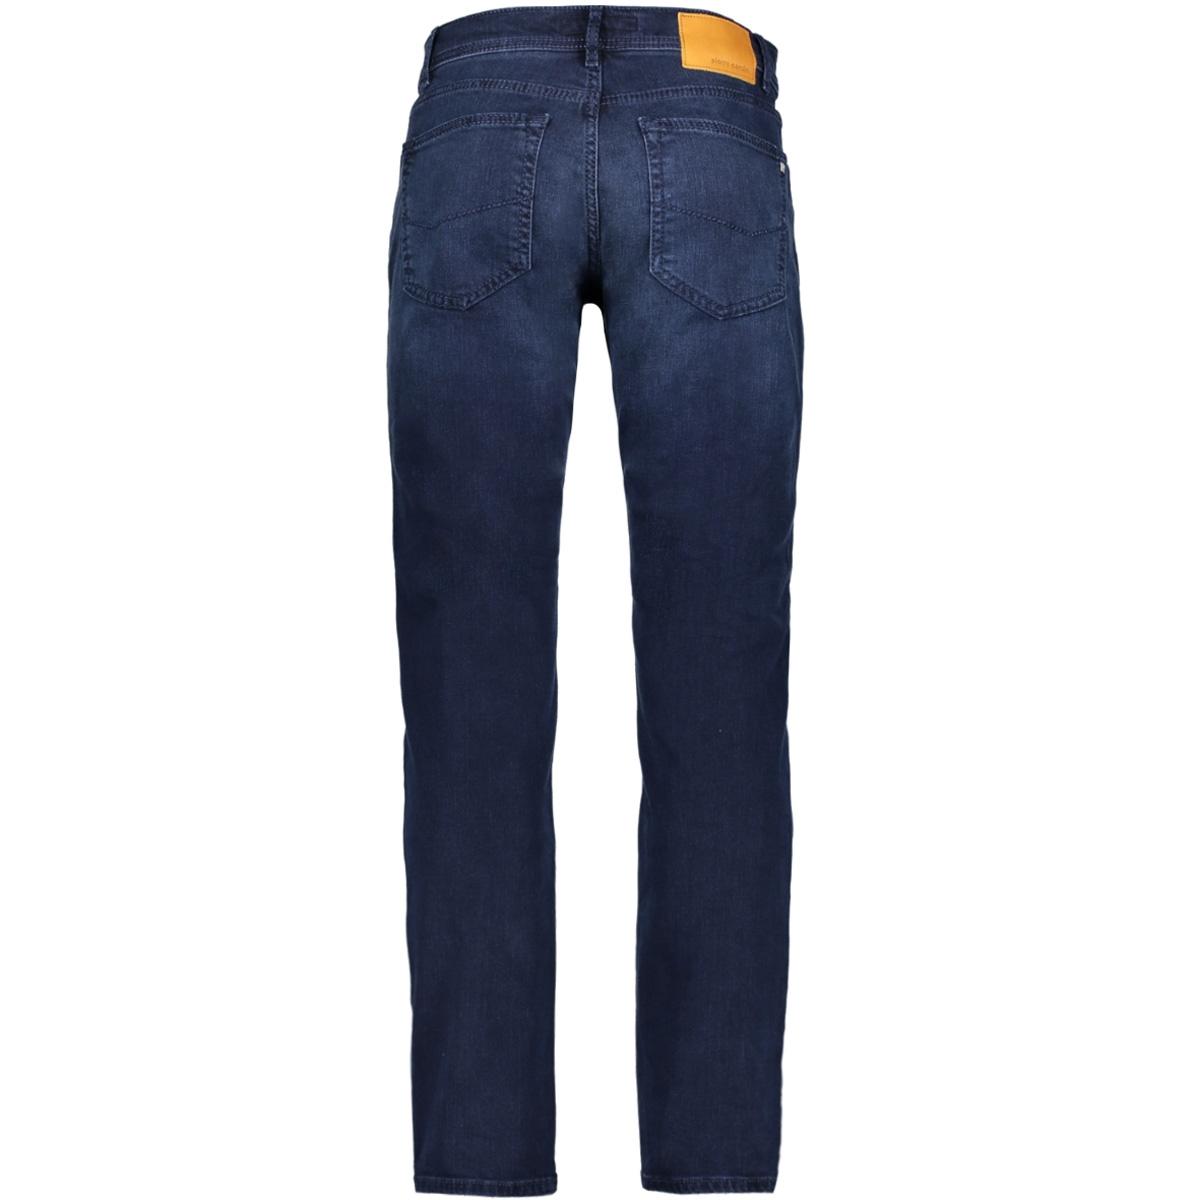 lyon 3091 7144. pierre cardin jeans 68